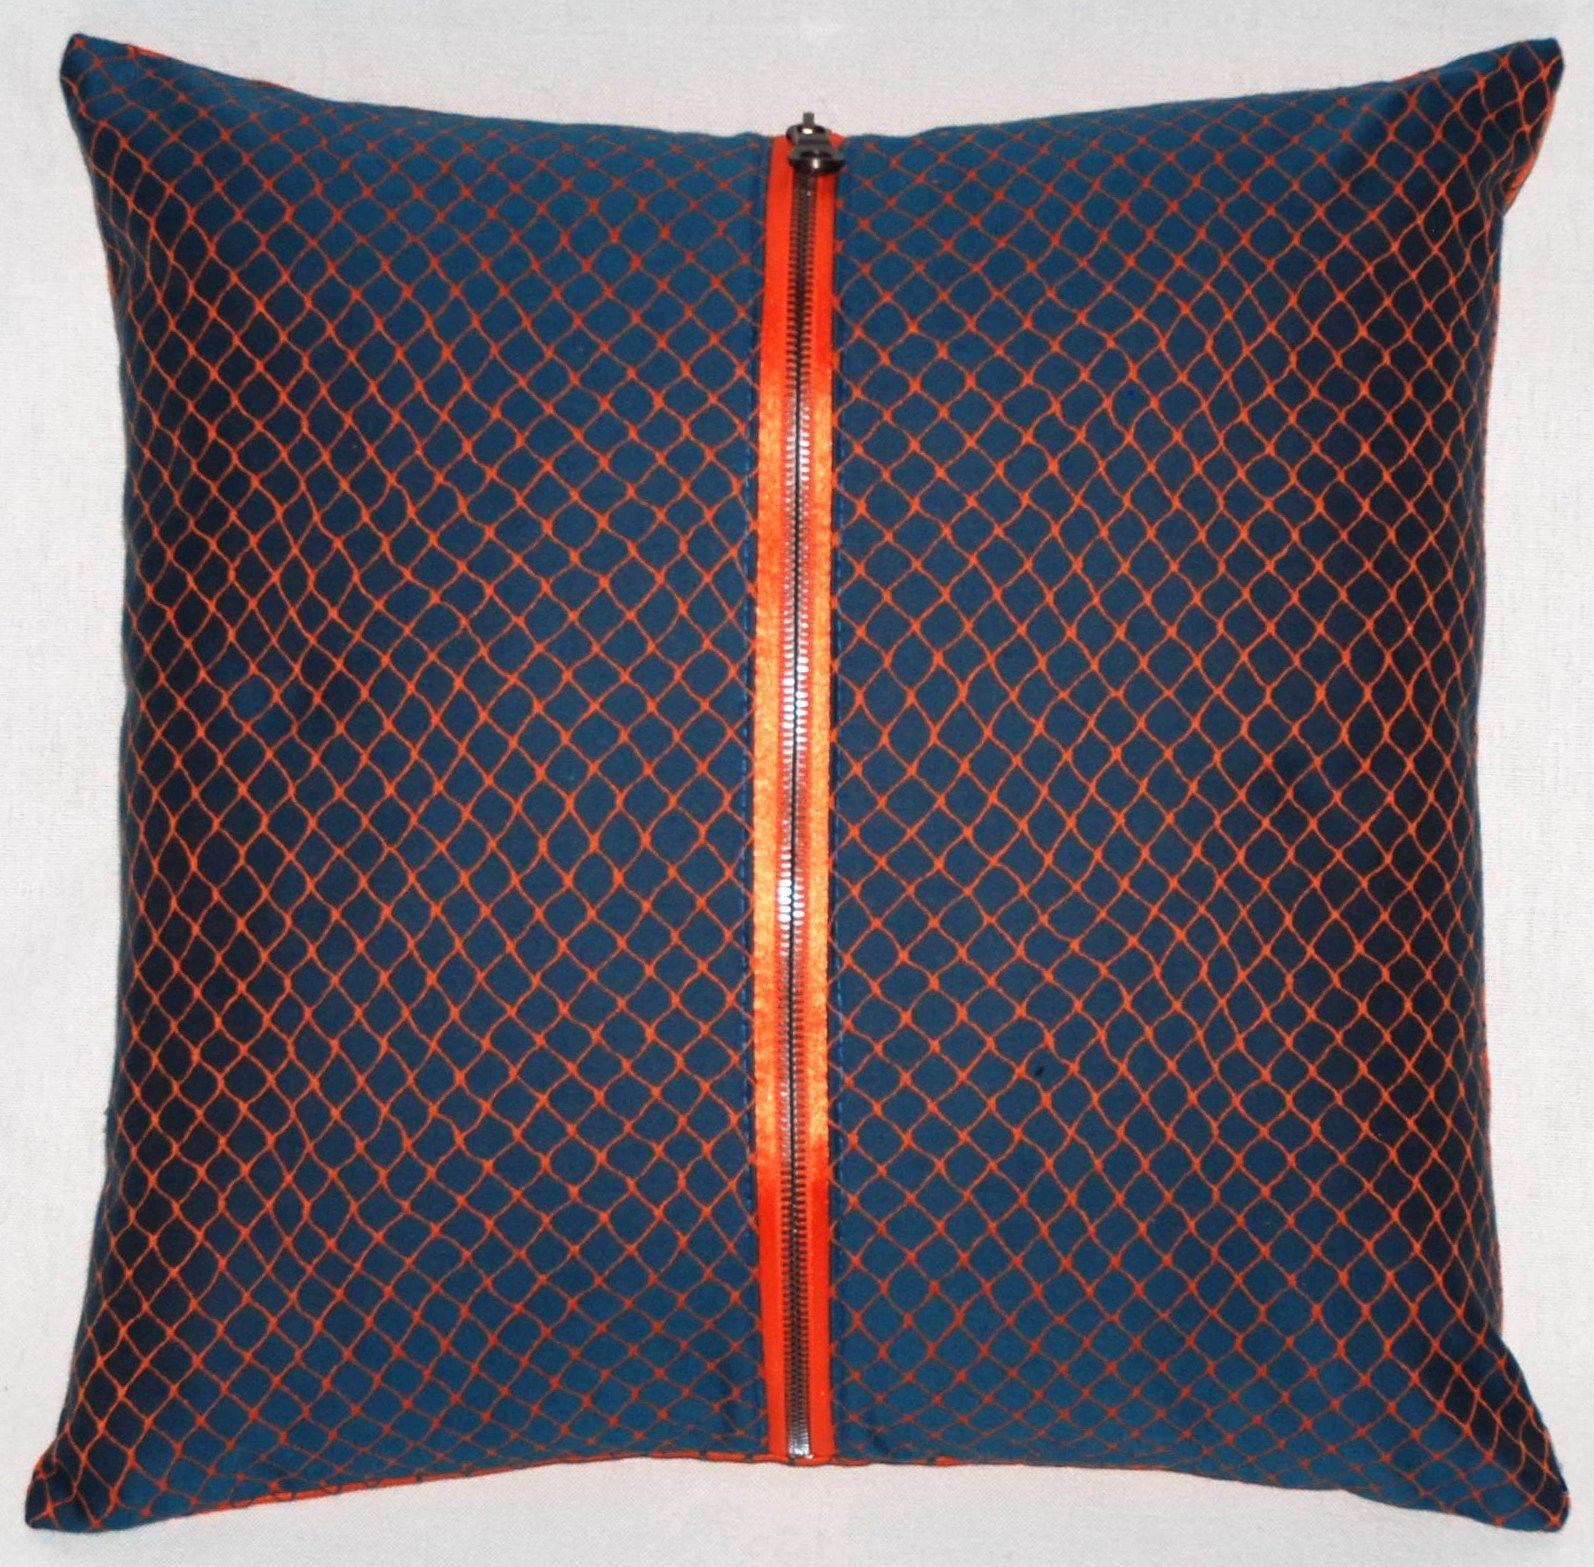 coussin carr e avec rev tement amovible zip by roche bobois. Black Bedroom Furniture Sets. Home Design Ideas